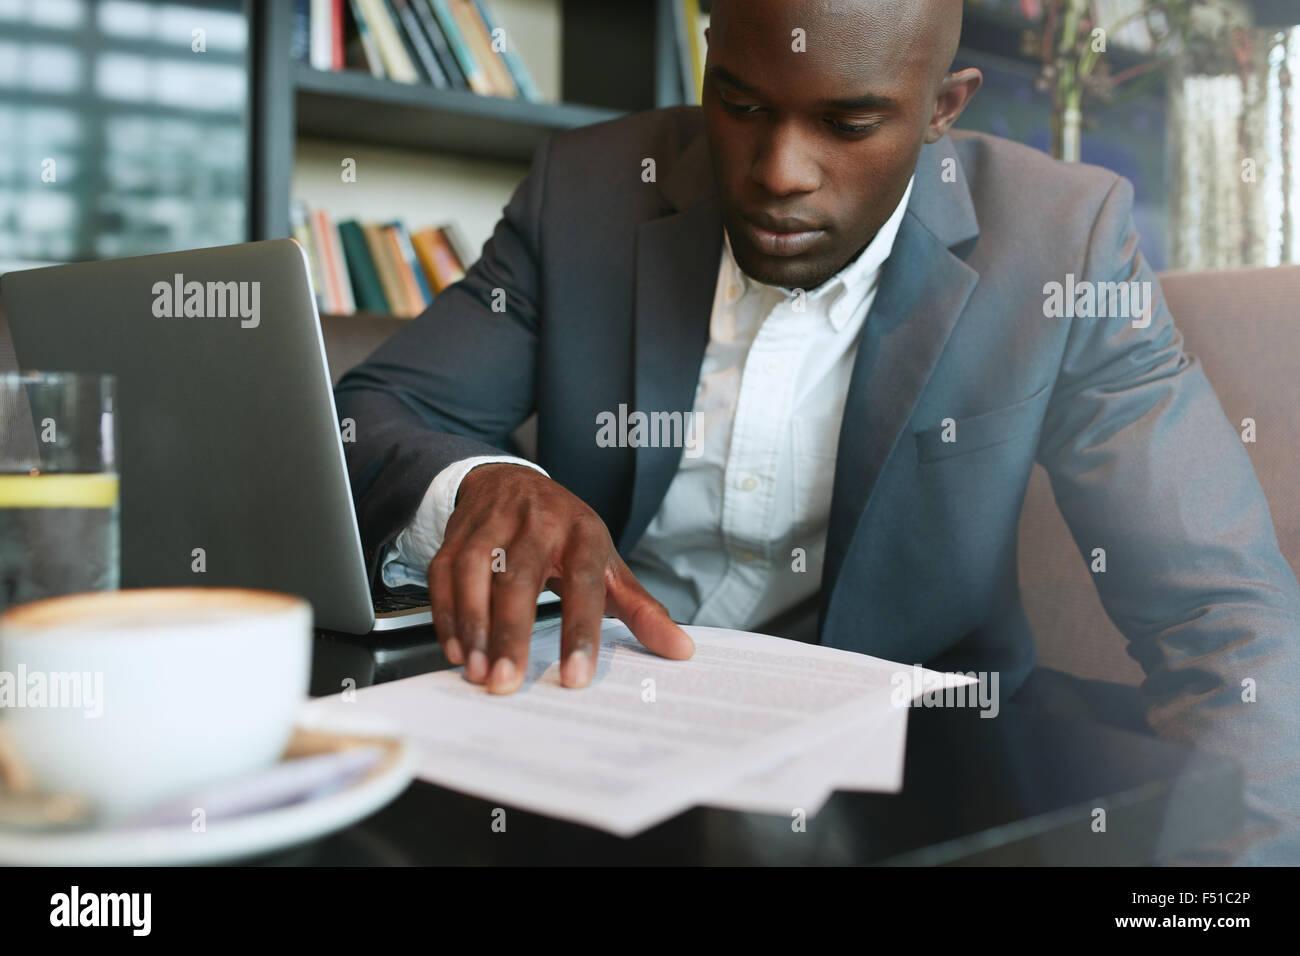 Geschäftsmann in einem Café ein Vertragsdokument lesen. Afrikanischen Geschäftsmann sitzen im Café Stockbild